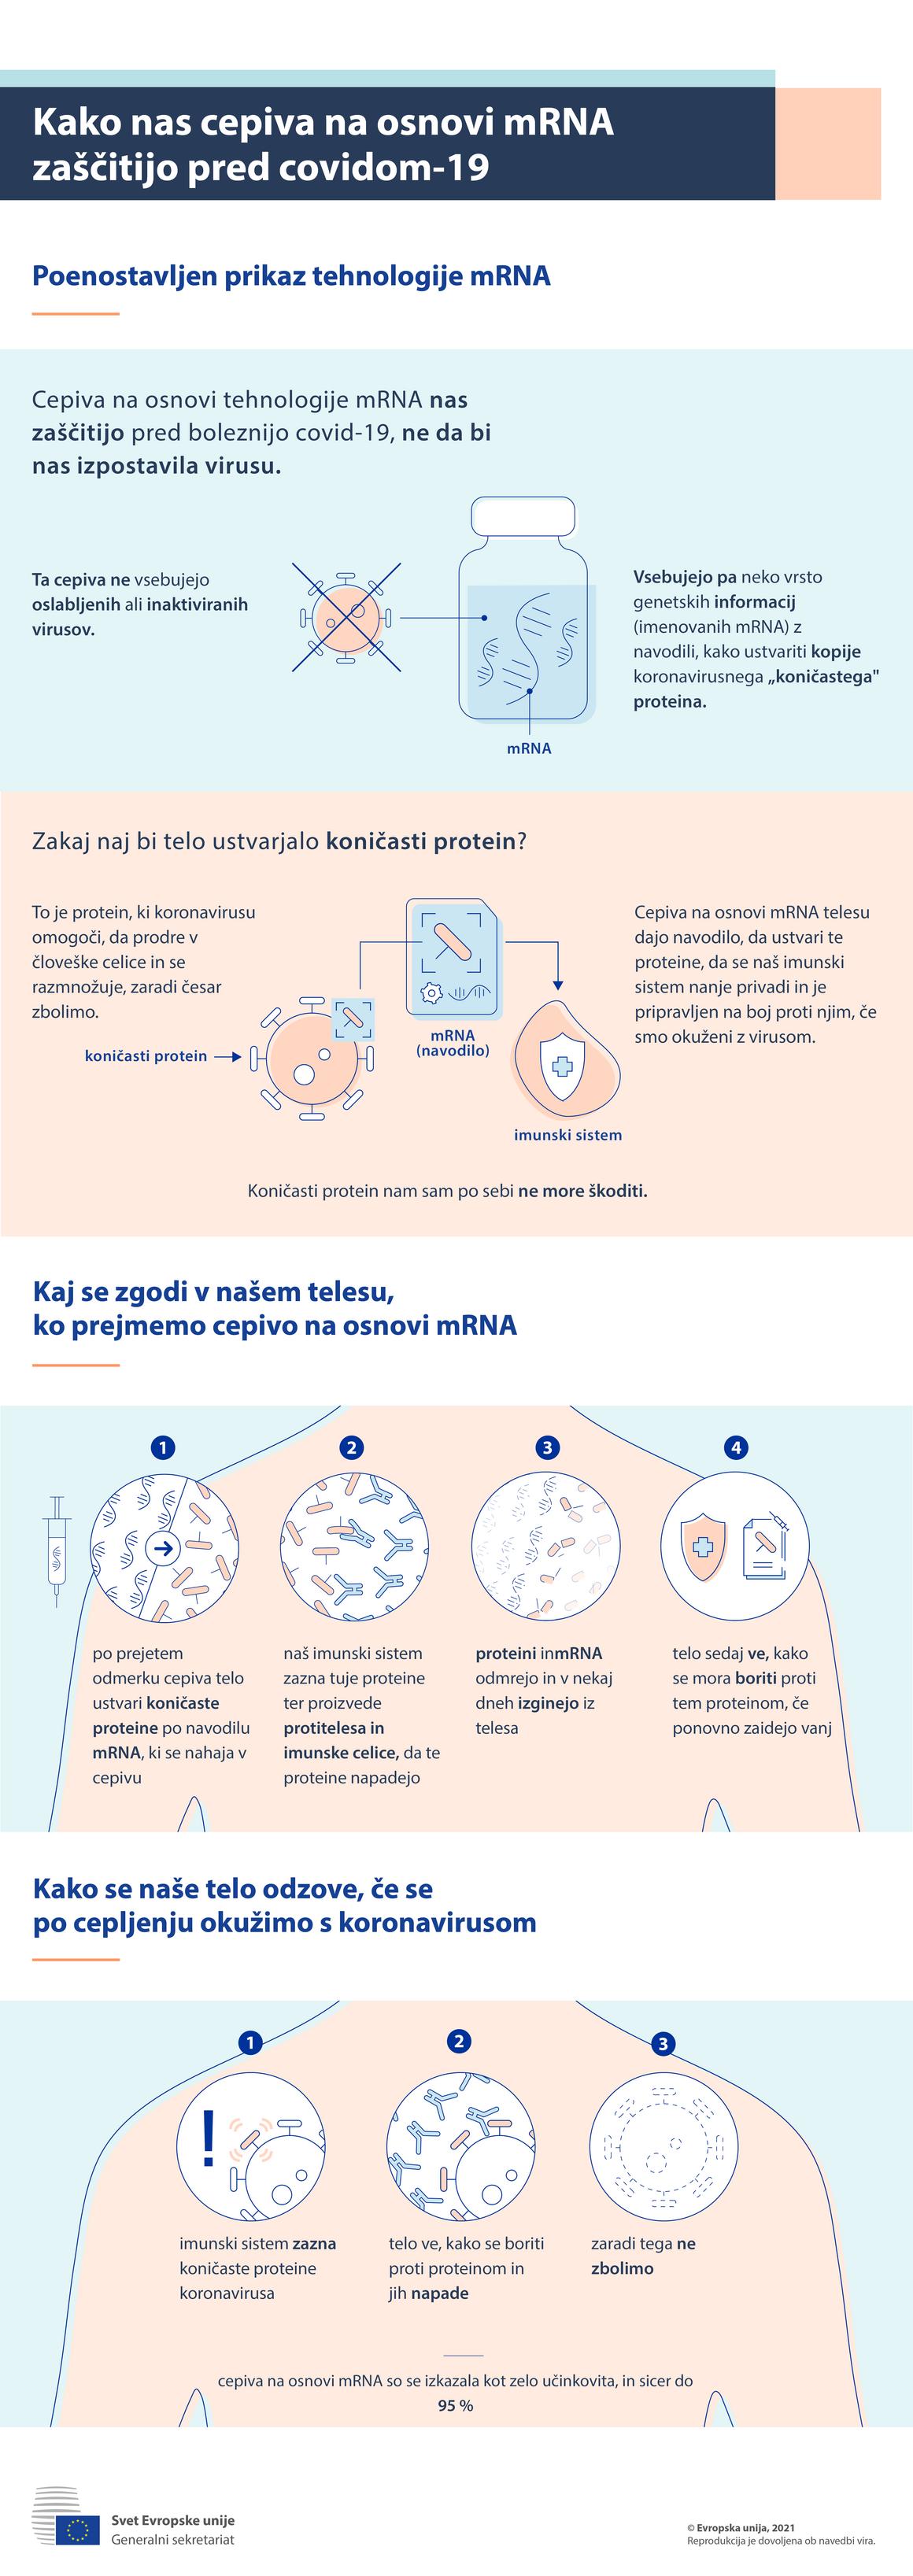 Infografika – Kako nas cepiva na osnovi mRNK zaščitijo pred covidom-19?